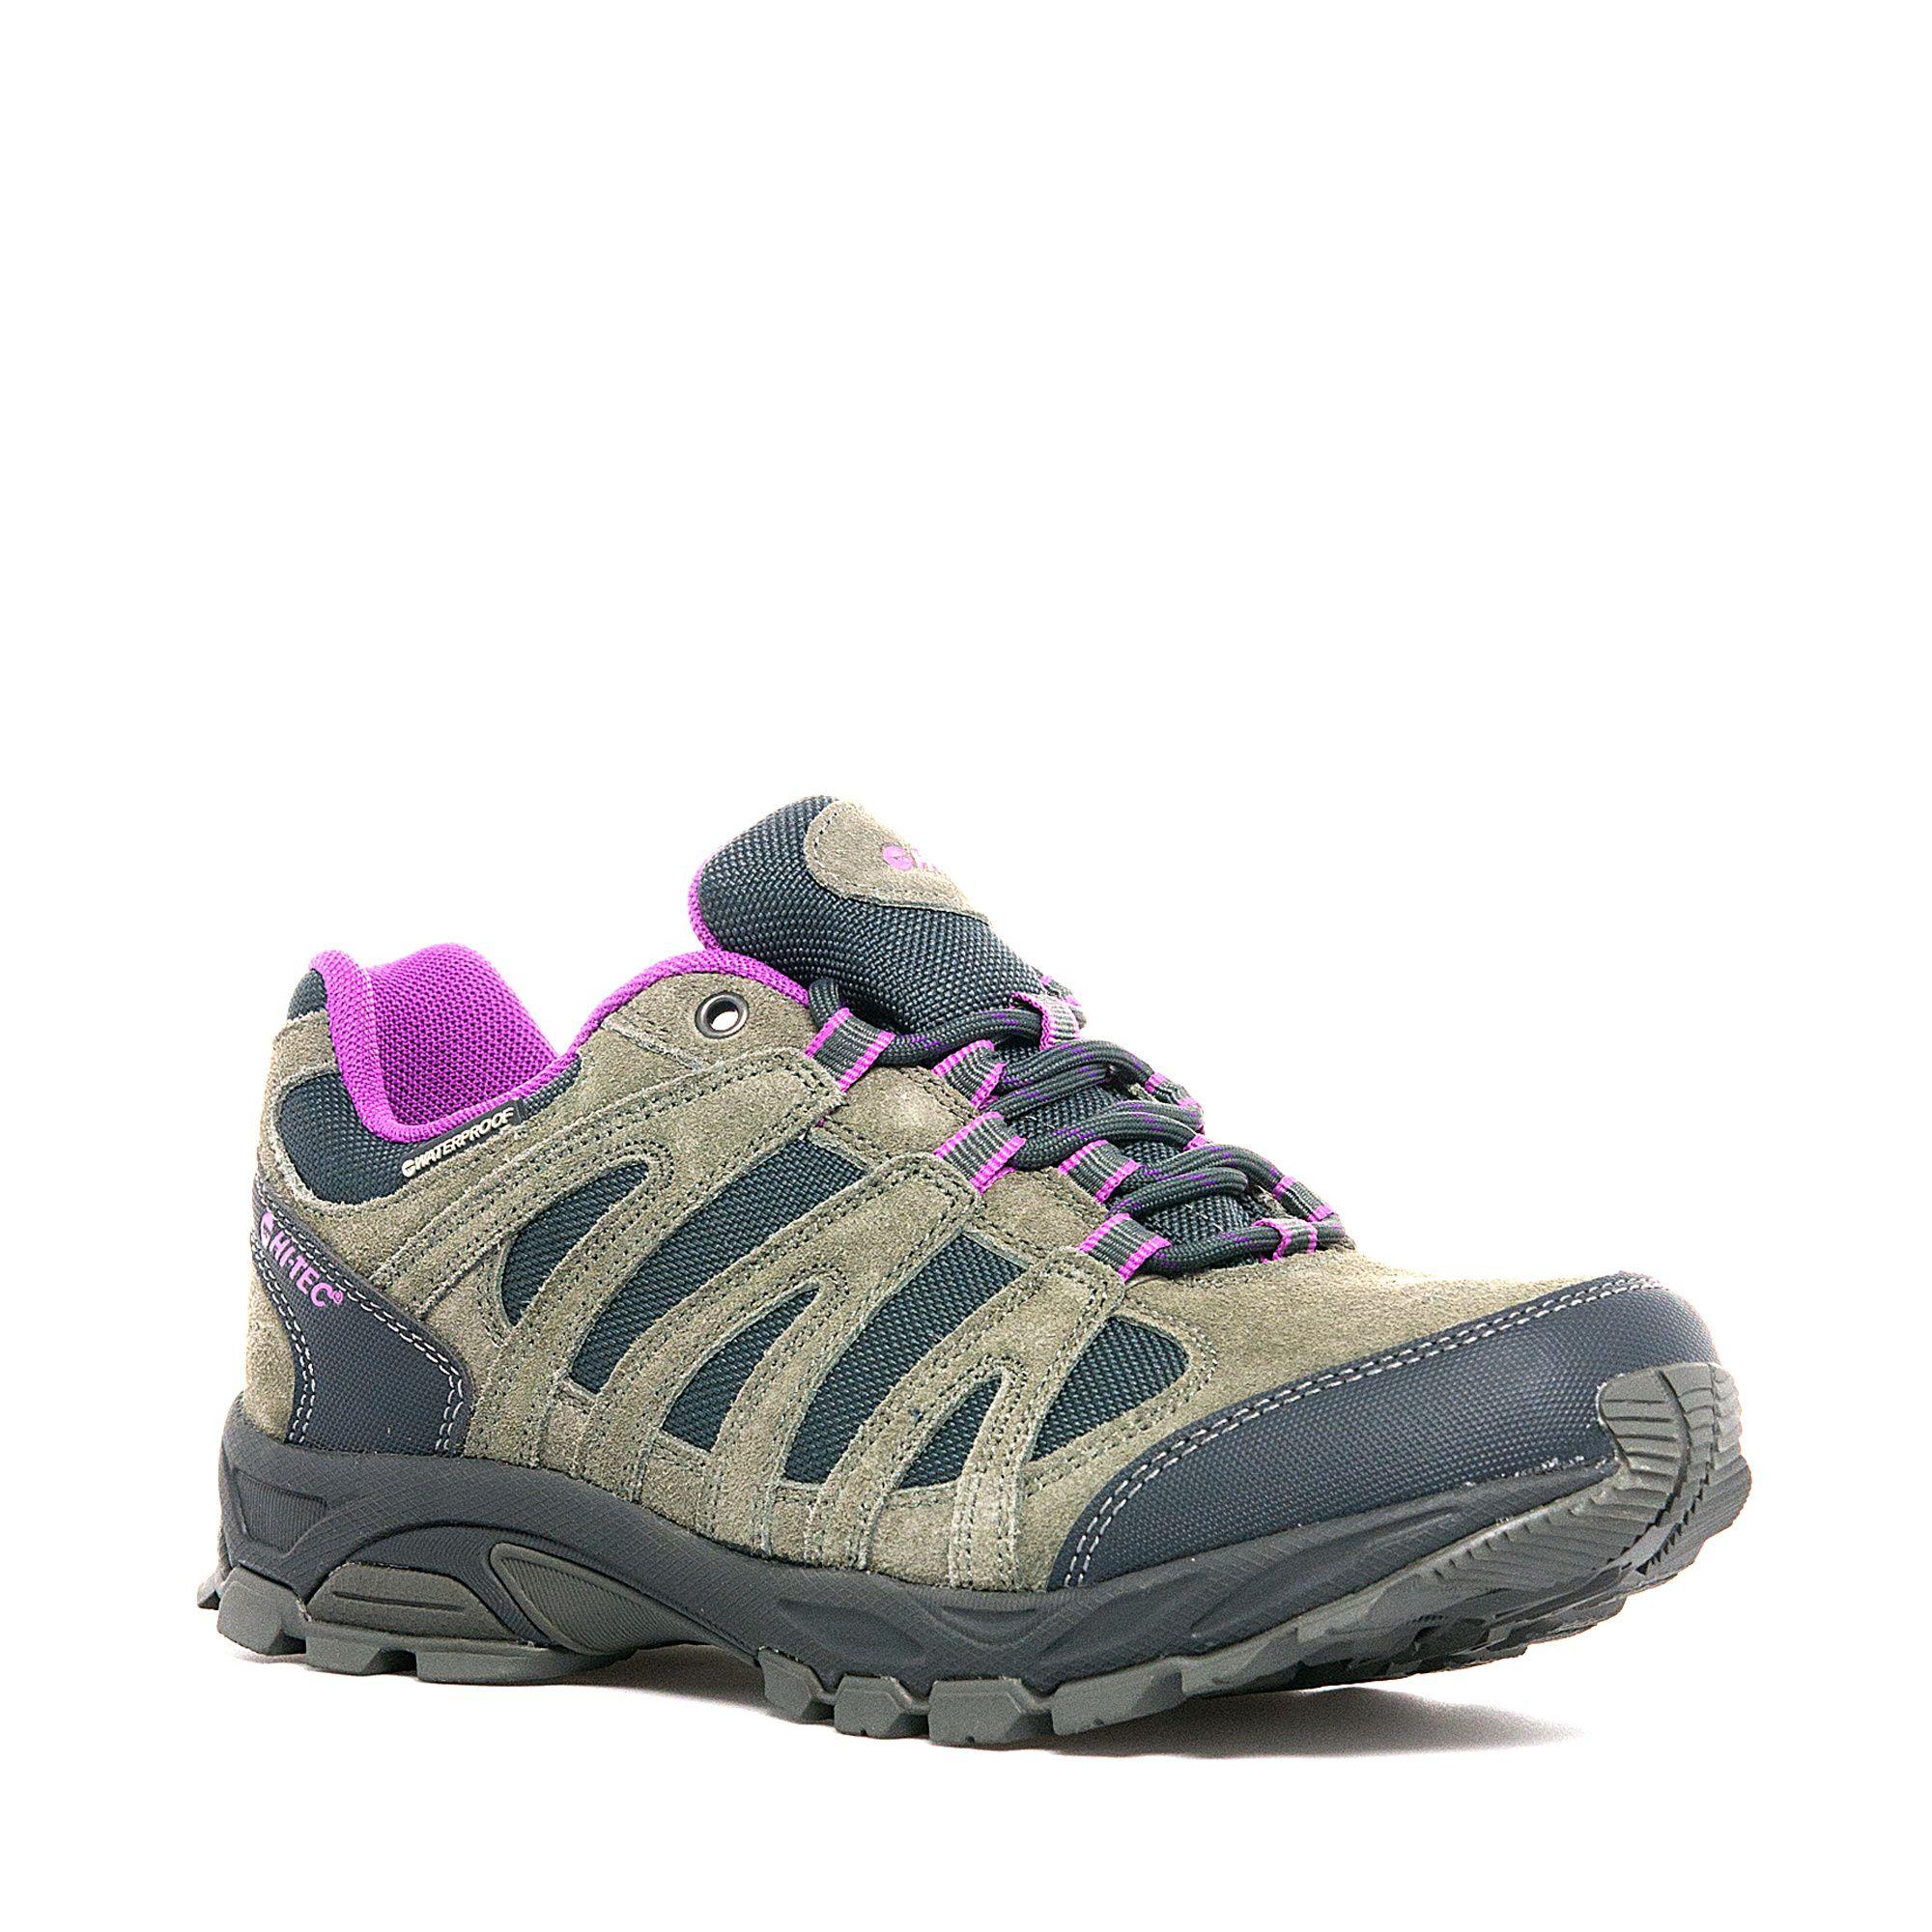 HI TEC Women's Alto Low Waterproof Walking Shoe